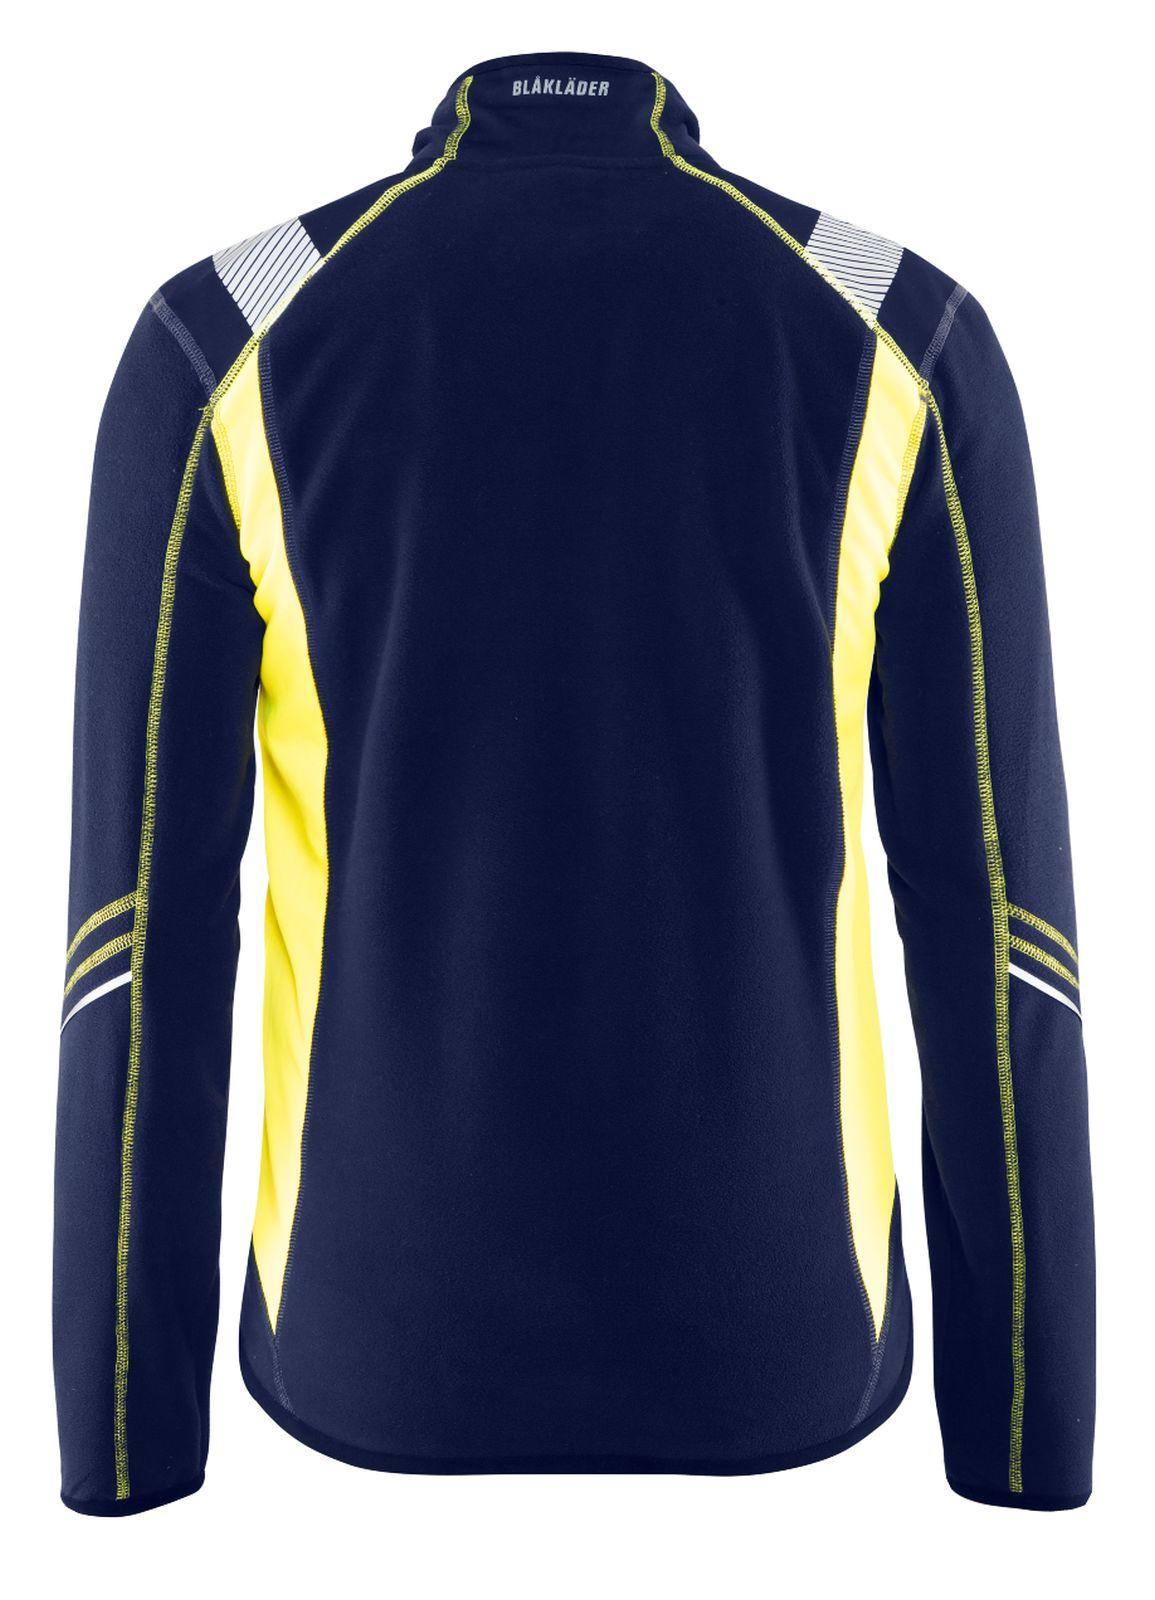 Blaklader Vesten 49931010 marineblauw-geel(8933)